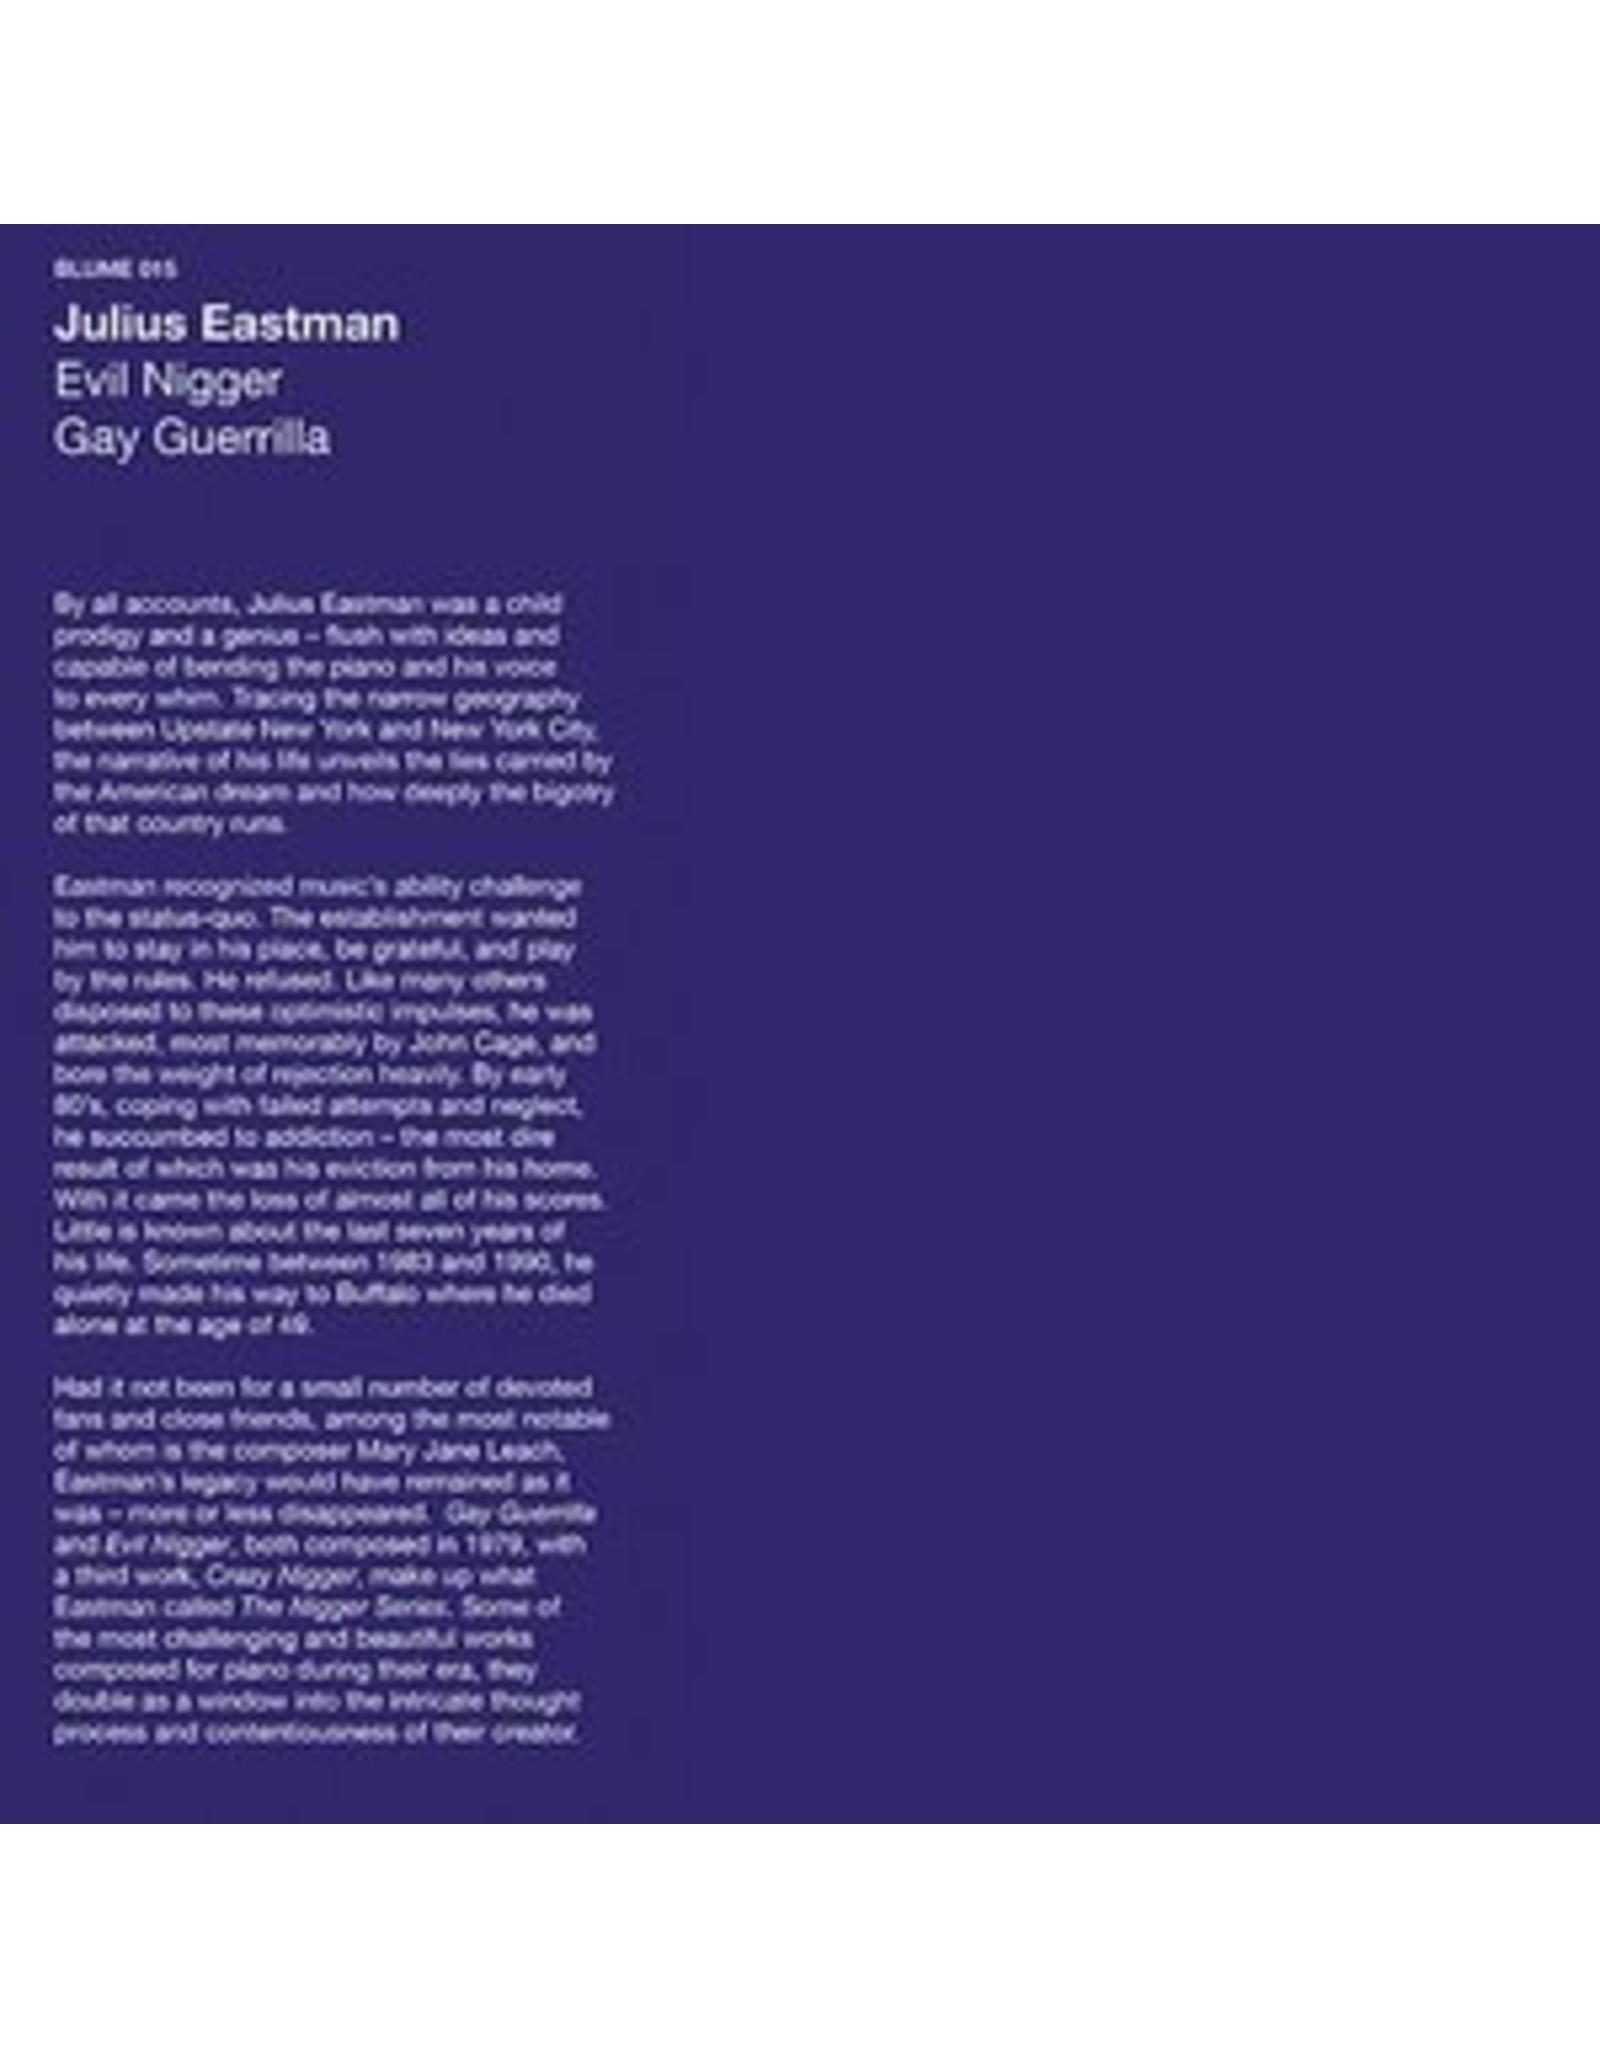 Blume Eastman, Julius: Evil N*gger/Gay LP